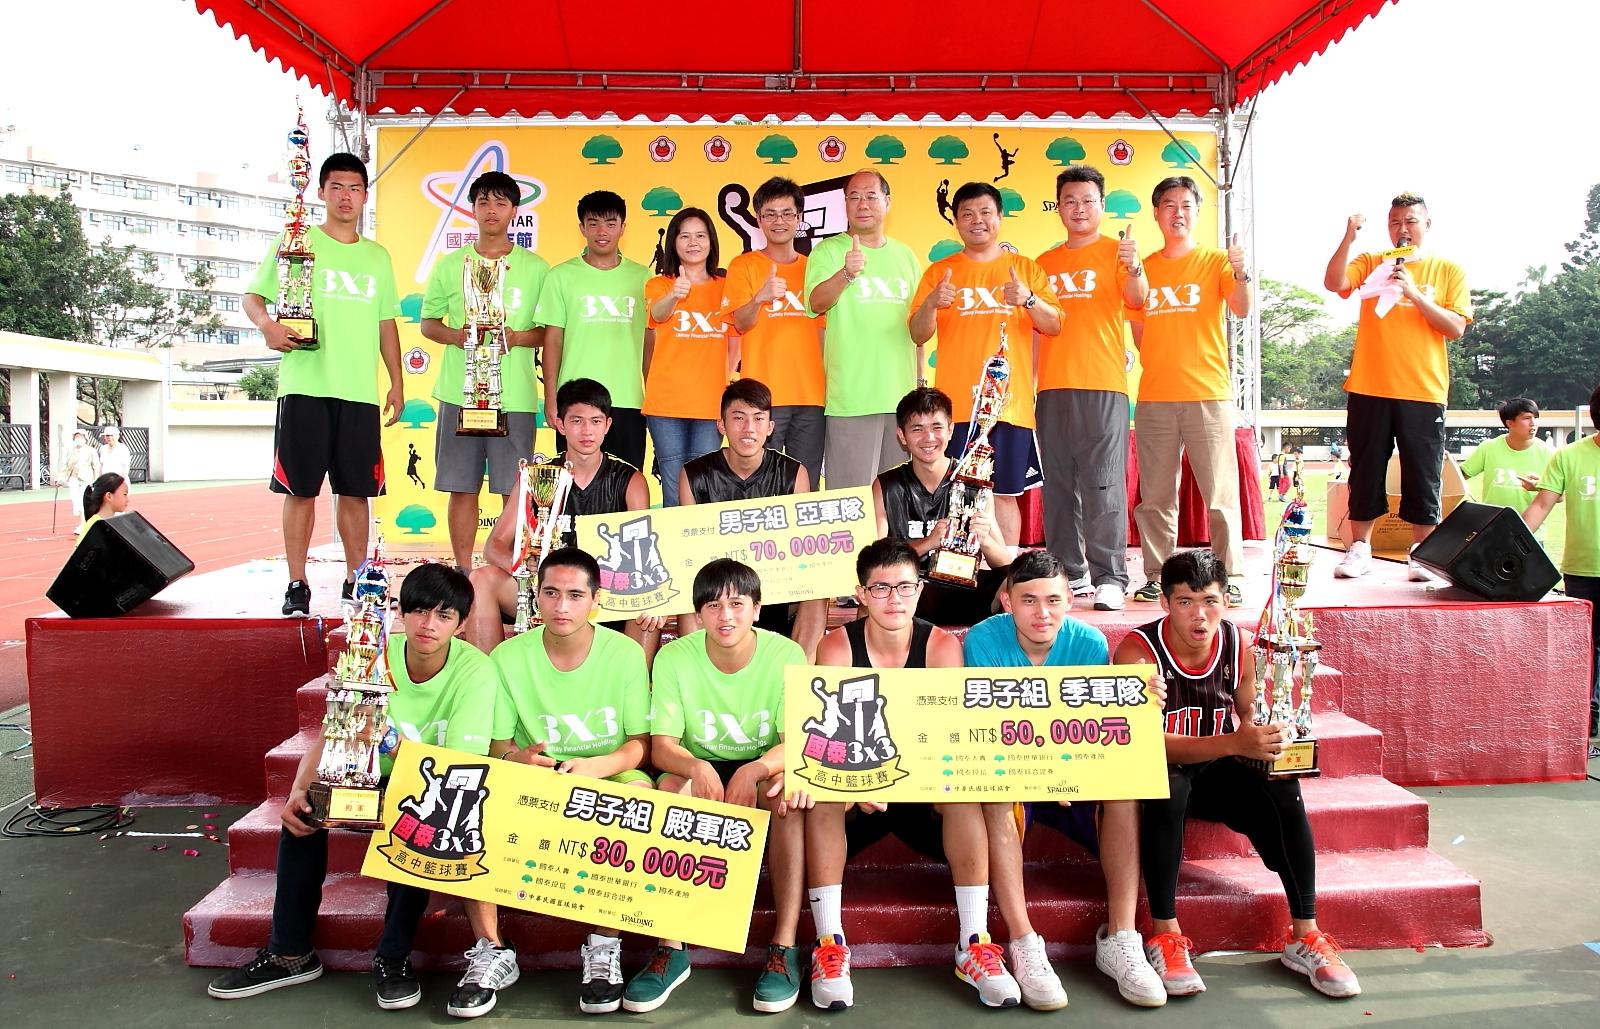 2014年國泰『高中3對3籃球』由中華民國籃球協會總裁判長王人生(右四)與國泰金控廖昶超協理(右三)等擔任評審。